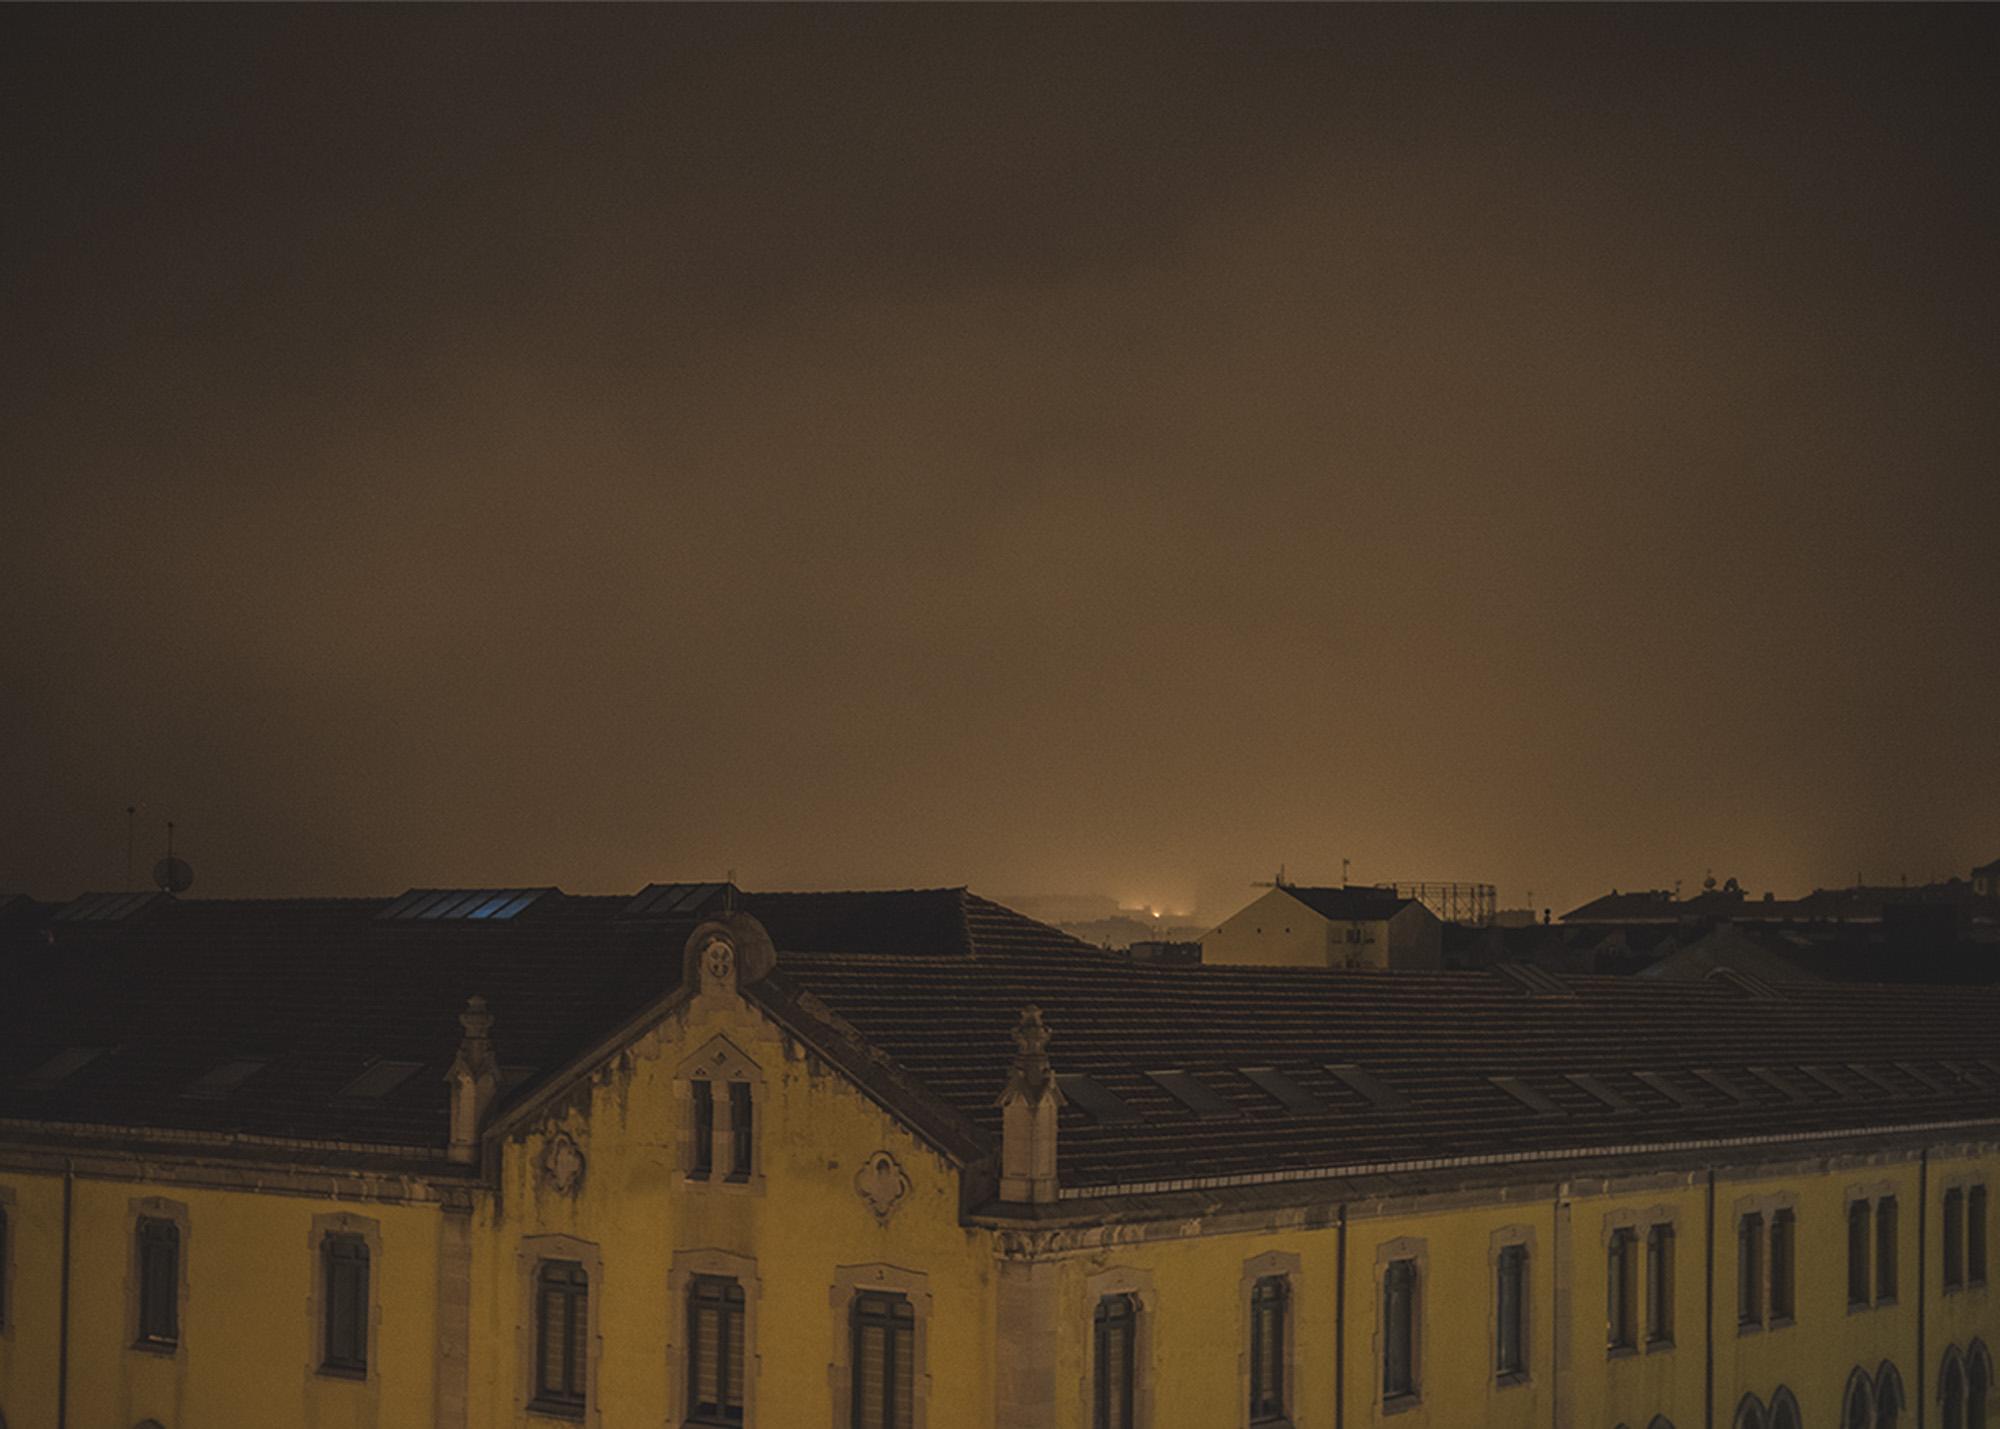 Oviedo, 5am